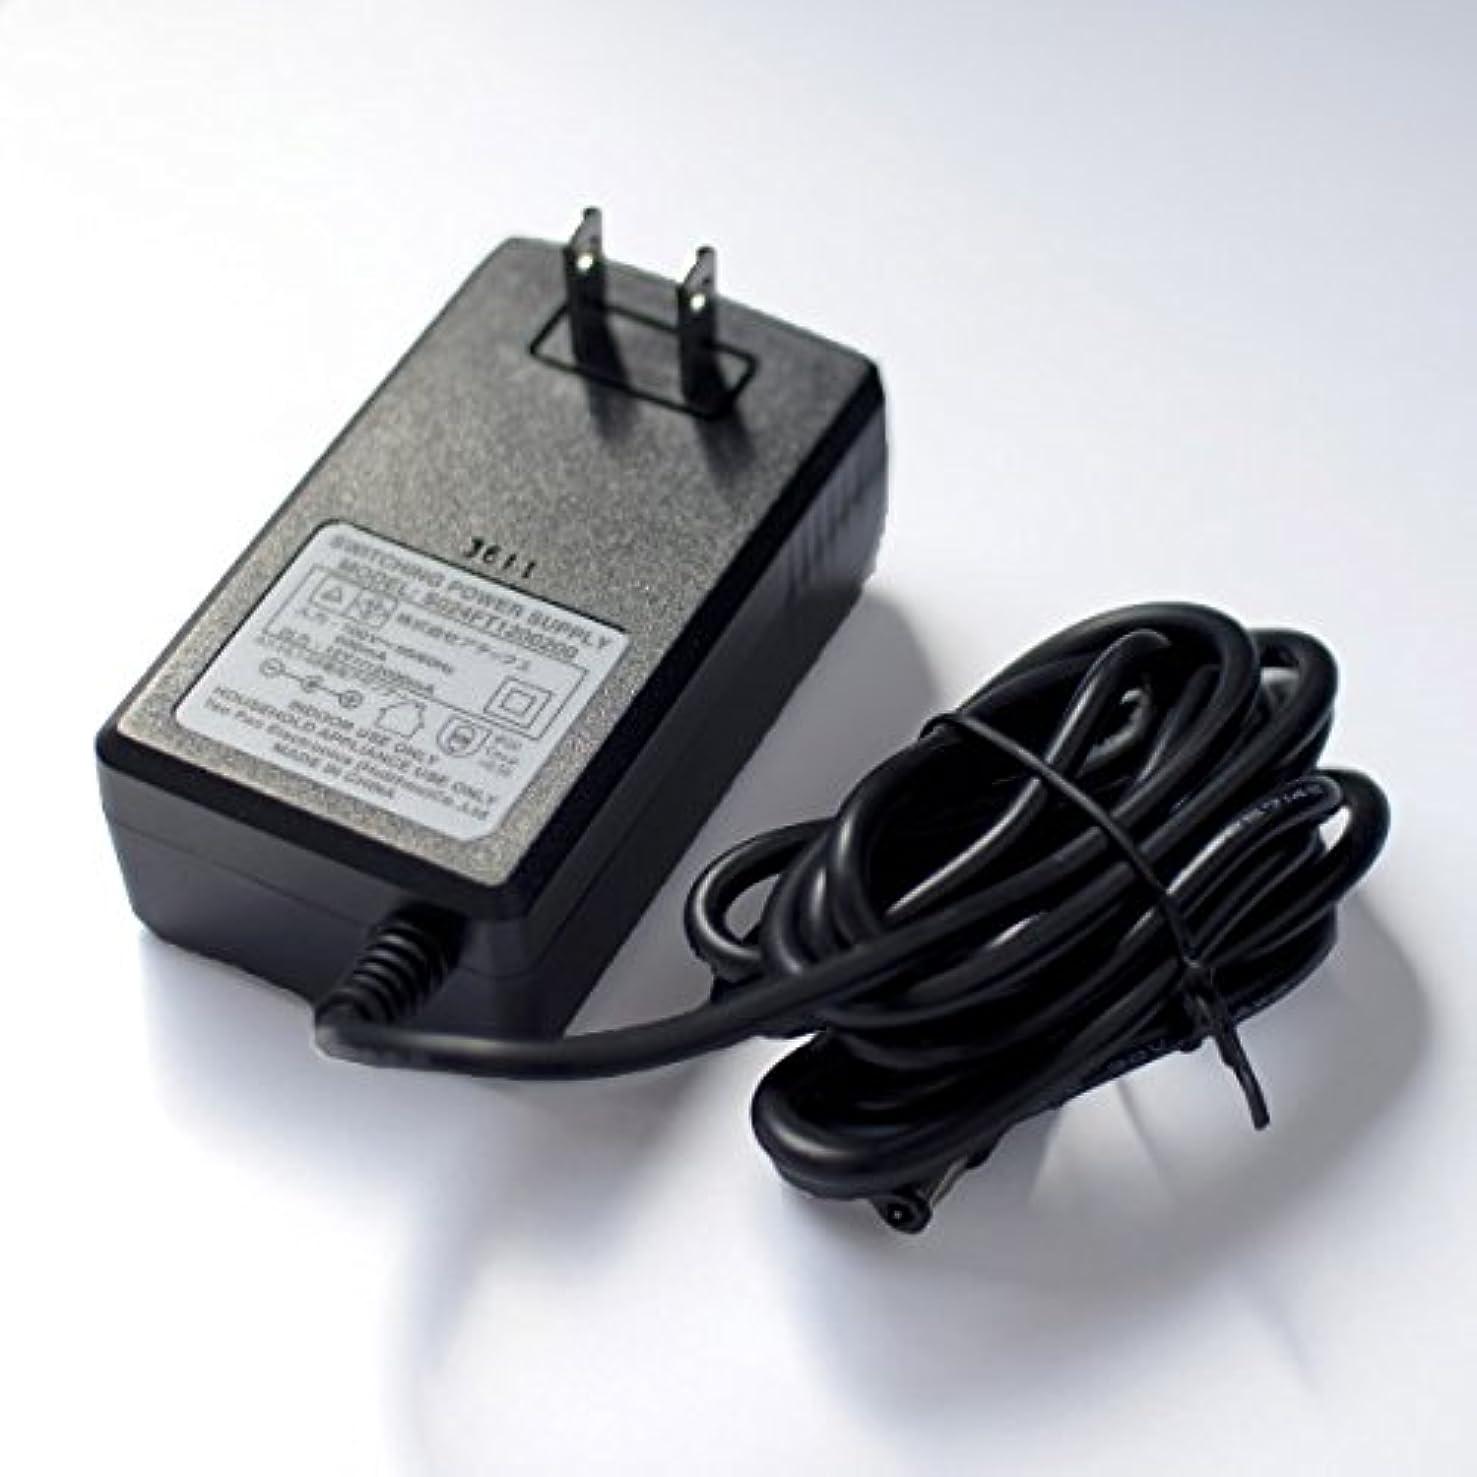 ルルド マッサージクッション専用アダプター (AX-HL138C用)